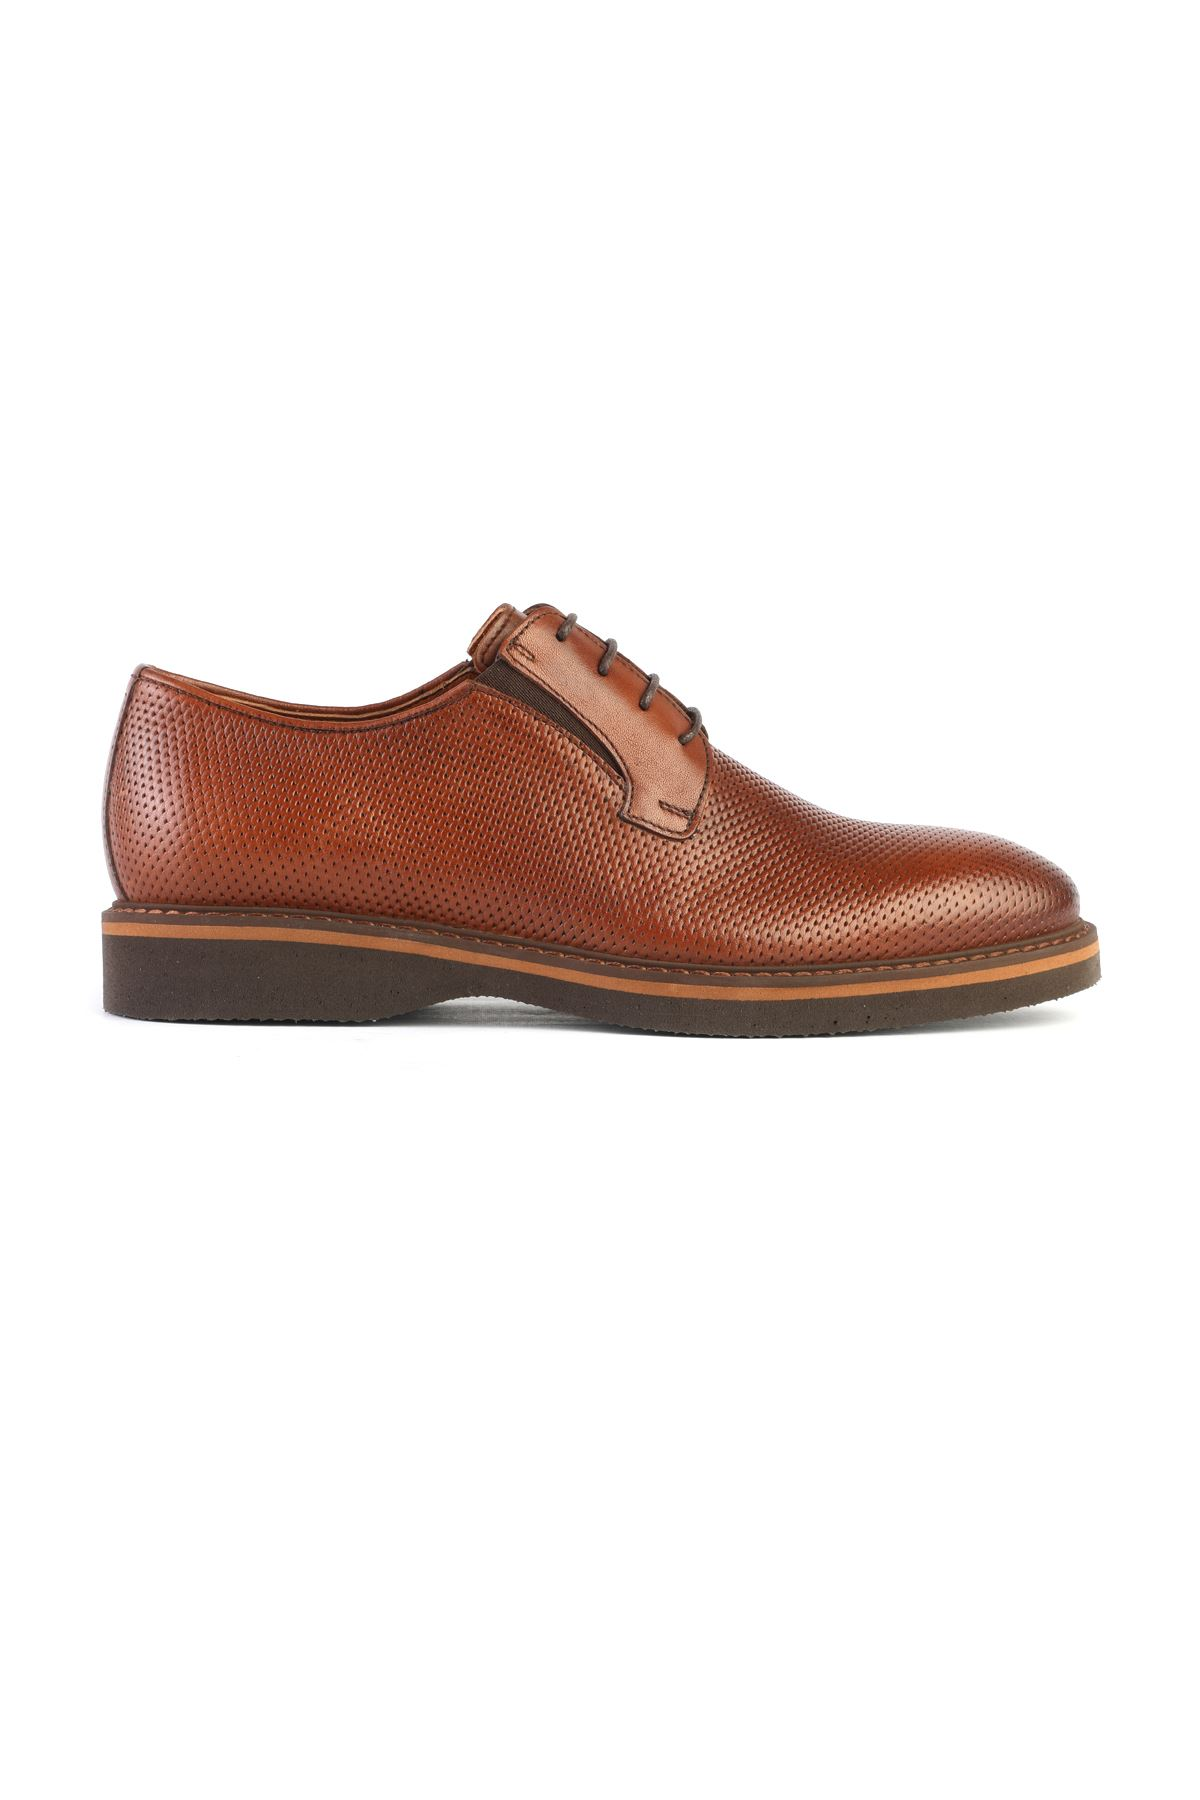 Libero 3261 Tan Oxford Shoes